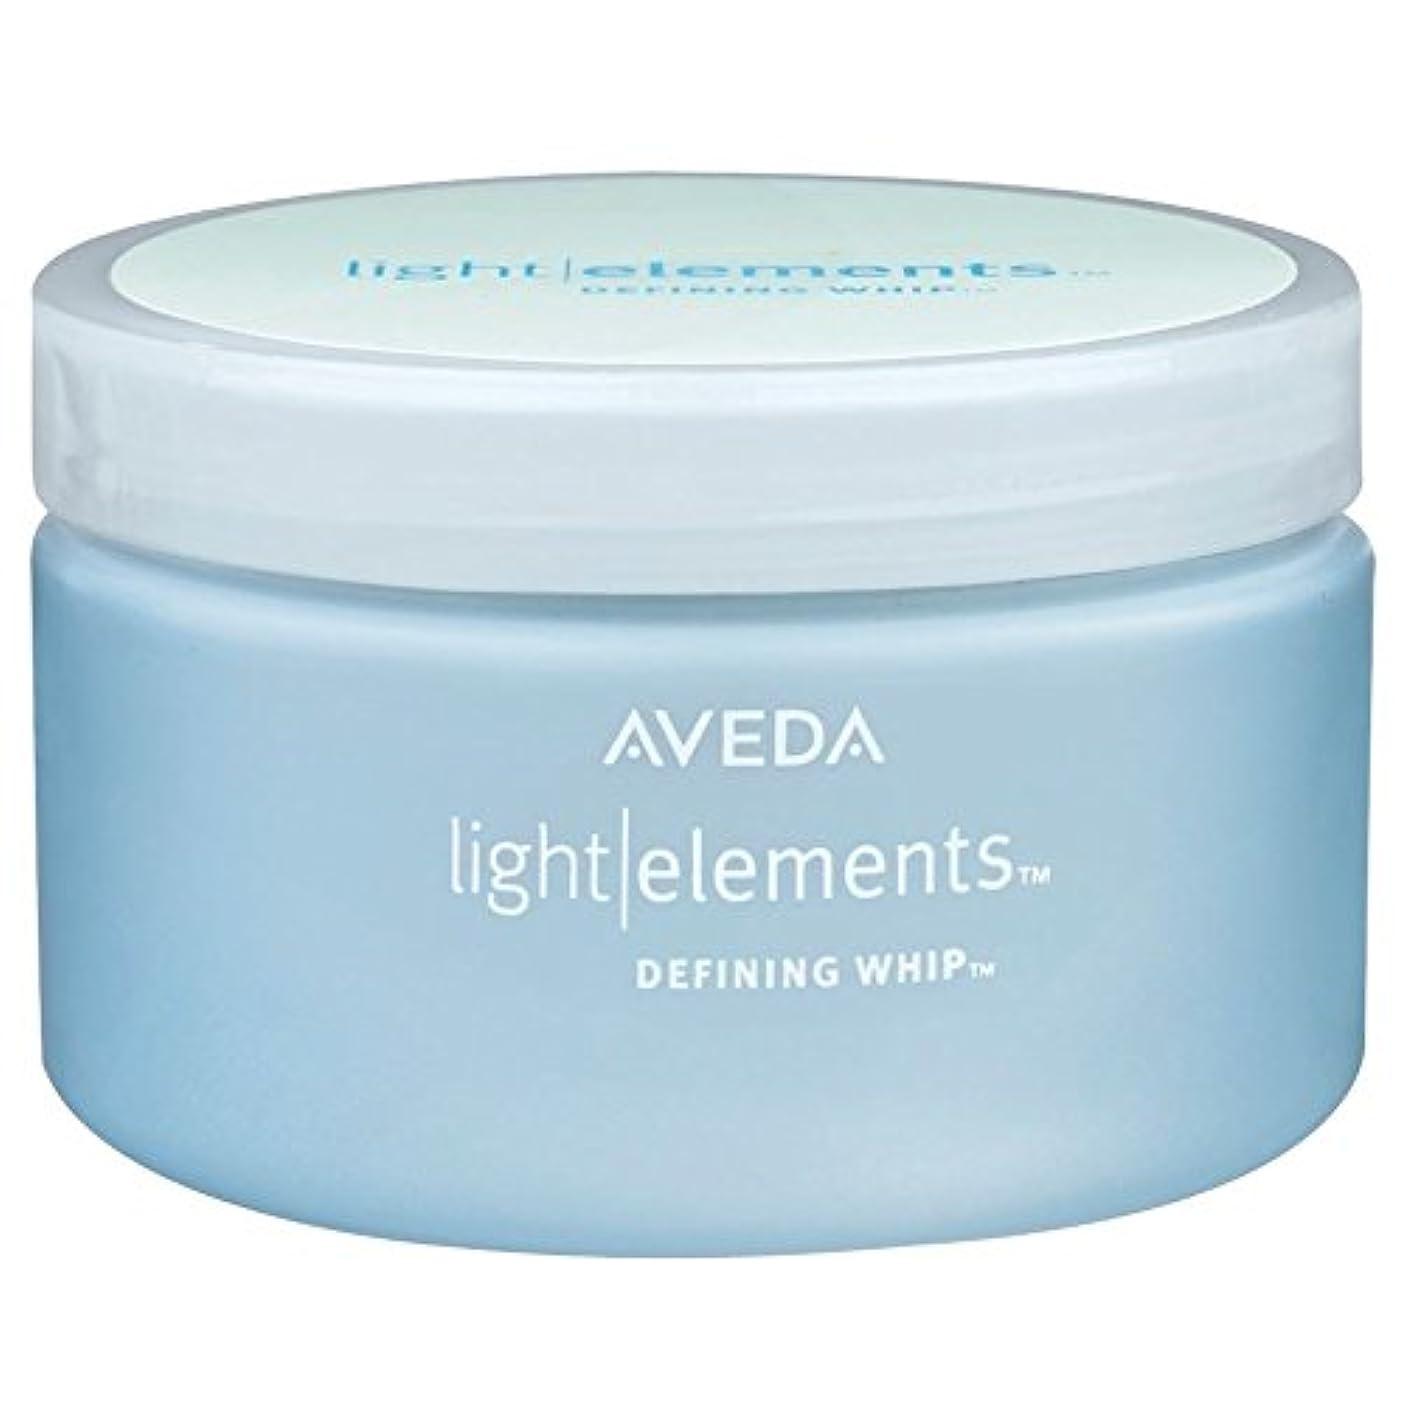 競う本質的に先入観[AVEDA] ホイップ125ミリリットルを定義するアヴェダの軽元素 - Aveda Light Elements Defining Whip 125ml [並行輸入品]